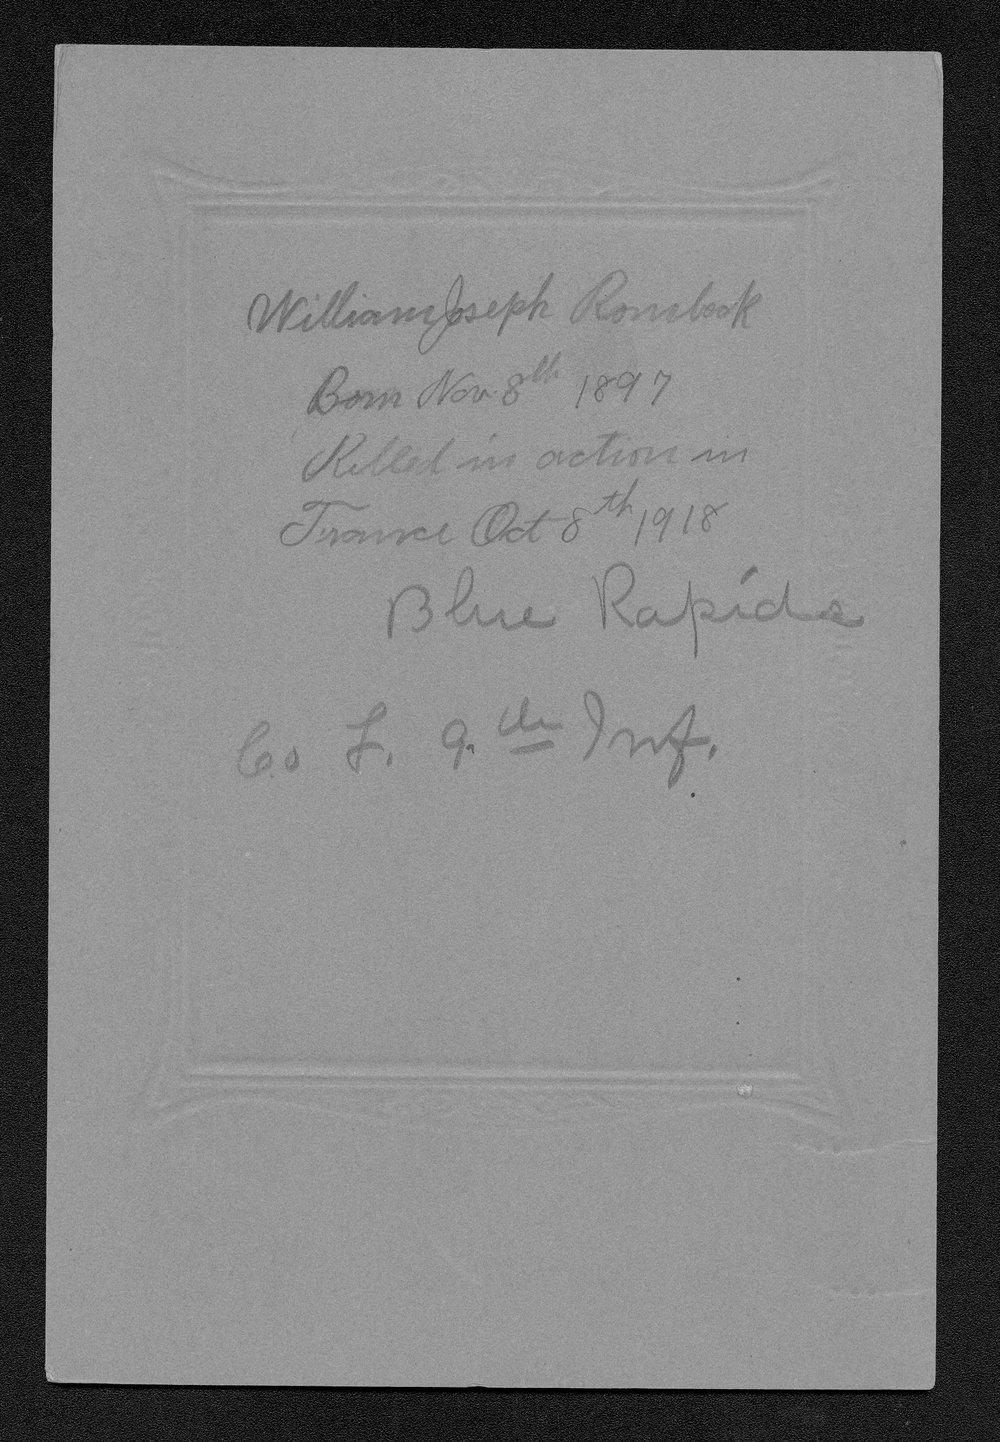 William J. Rombeck, World War I soldier - 7